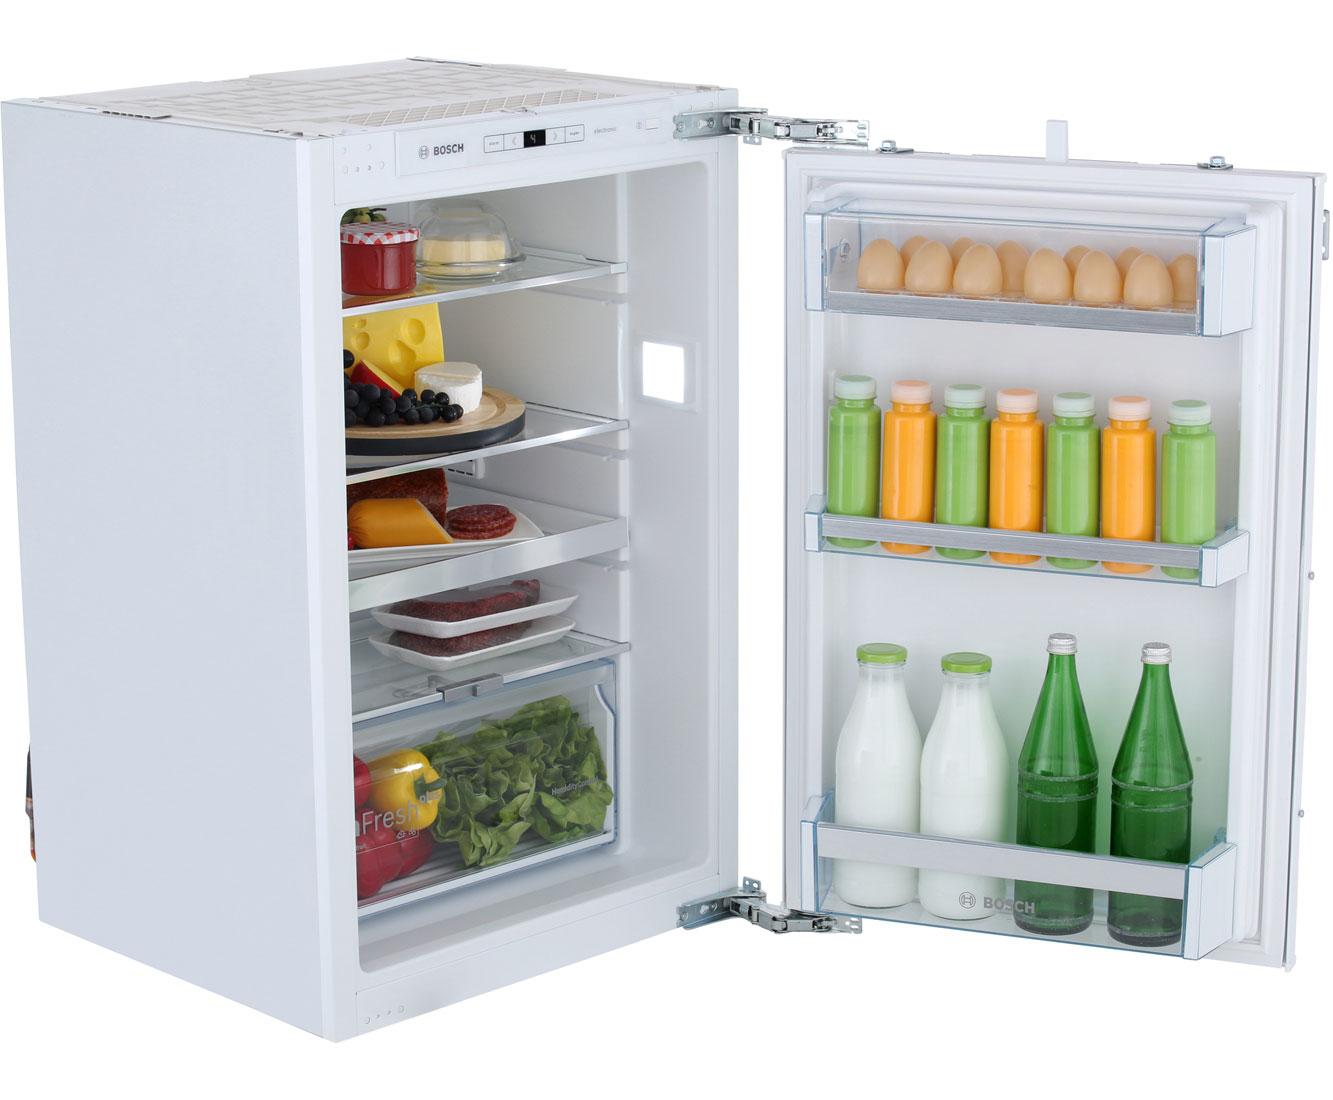 Bosch Kombi Kühlschrank : Hotpoint kühlschrank preisvergleich u die besten angebote online